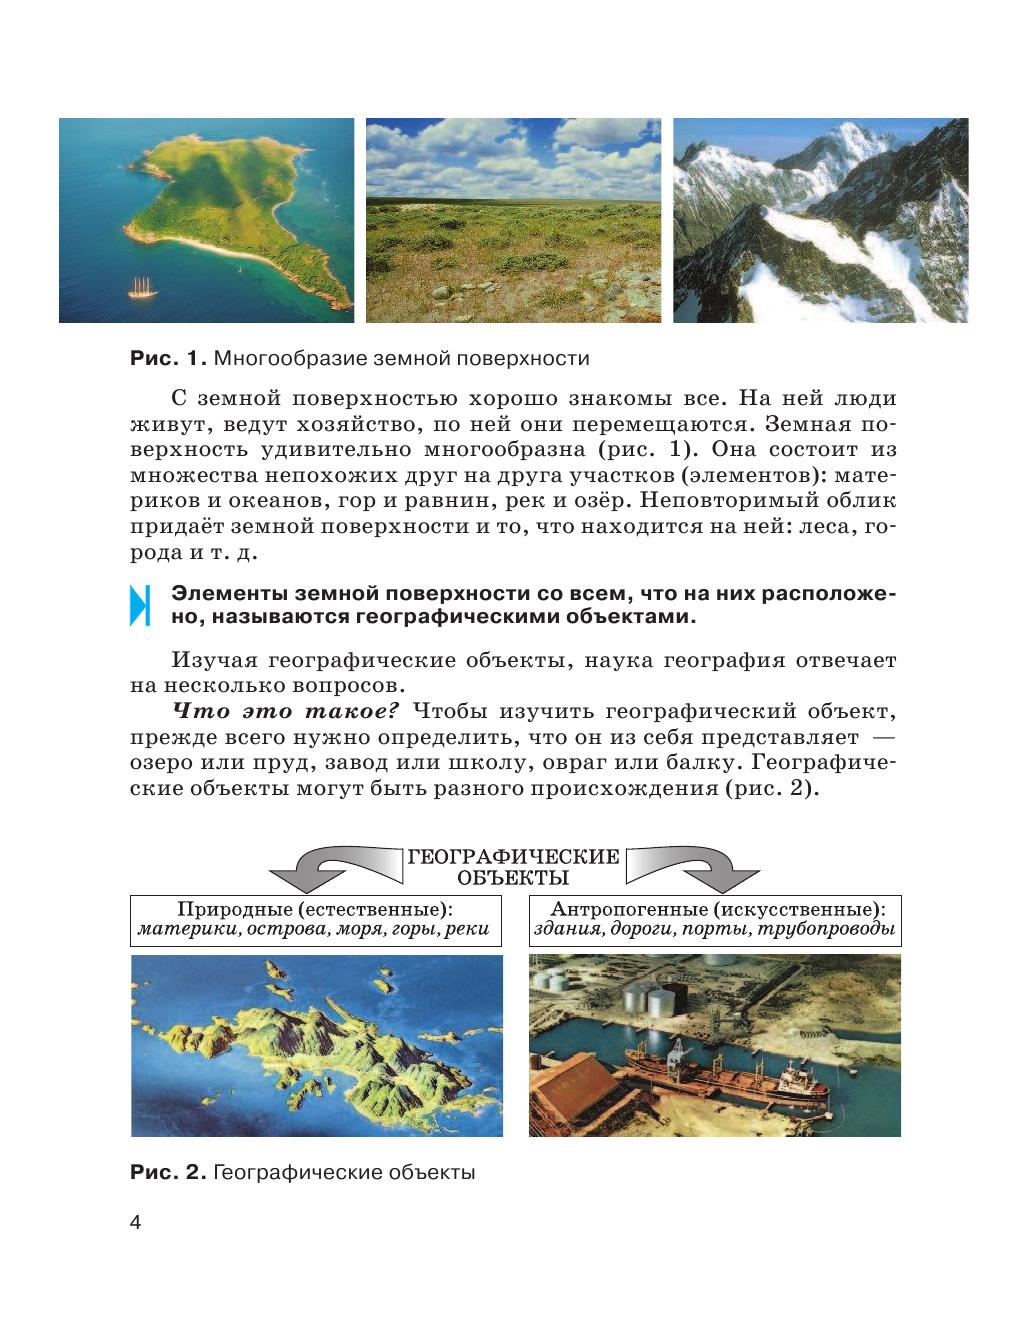 Программа основного общего образования по географии 5-9 класс авторы дронов савельева москва просвещение 2018 скачать бесплатно